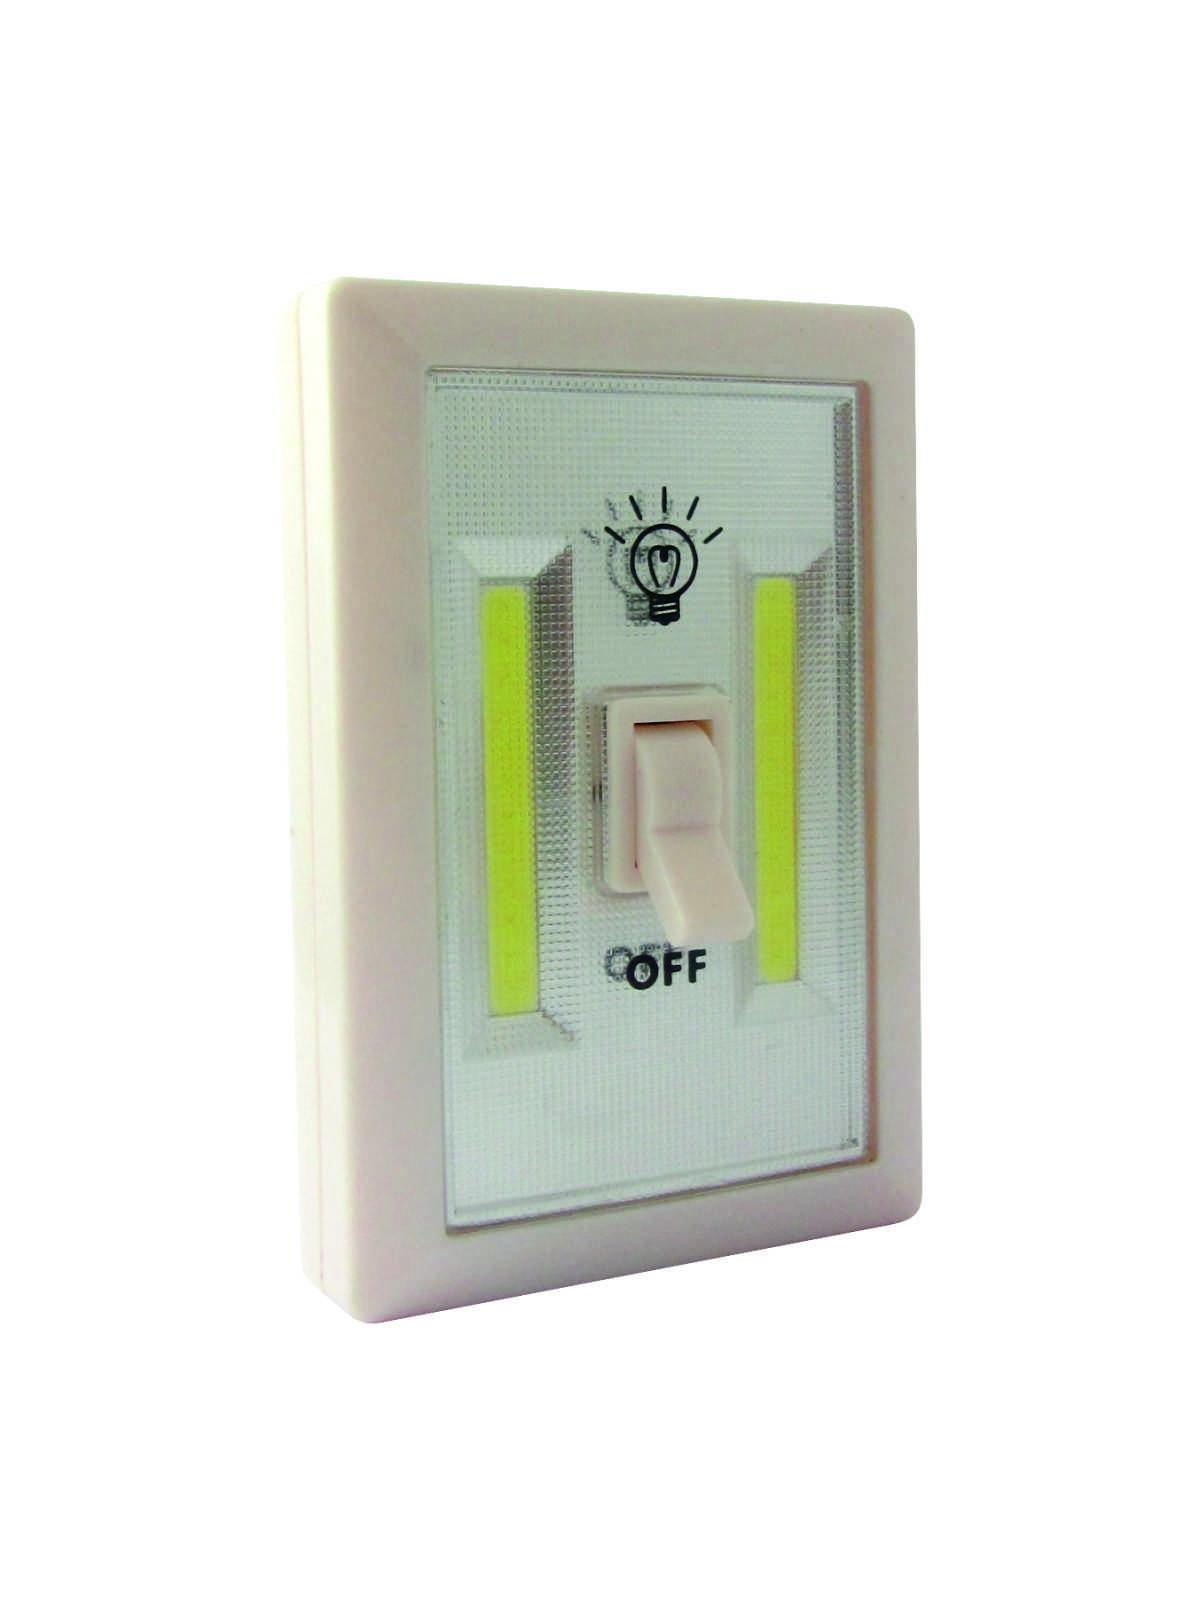 LED noční svítidlo TR C221 3W COB